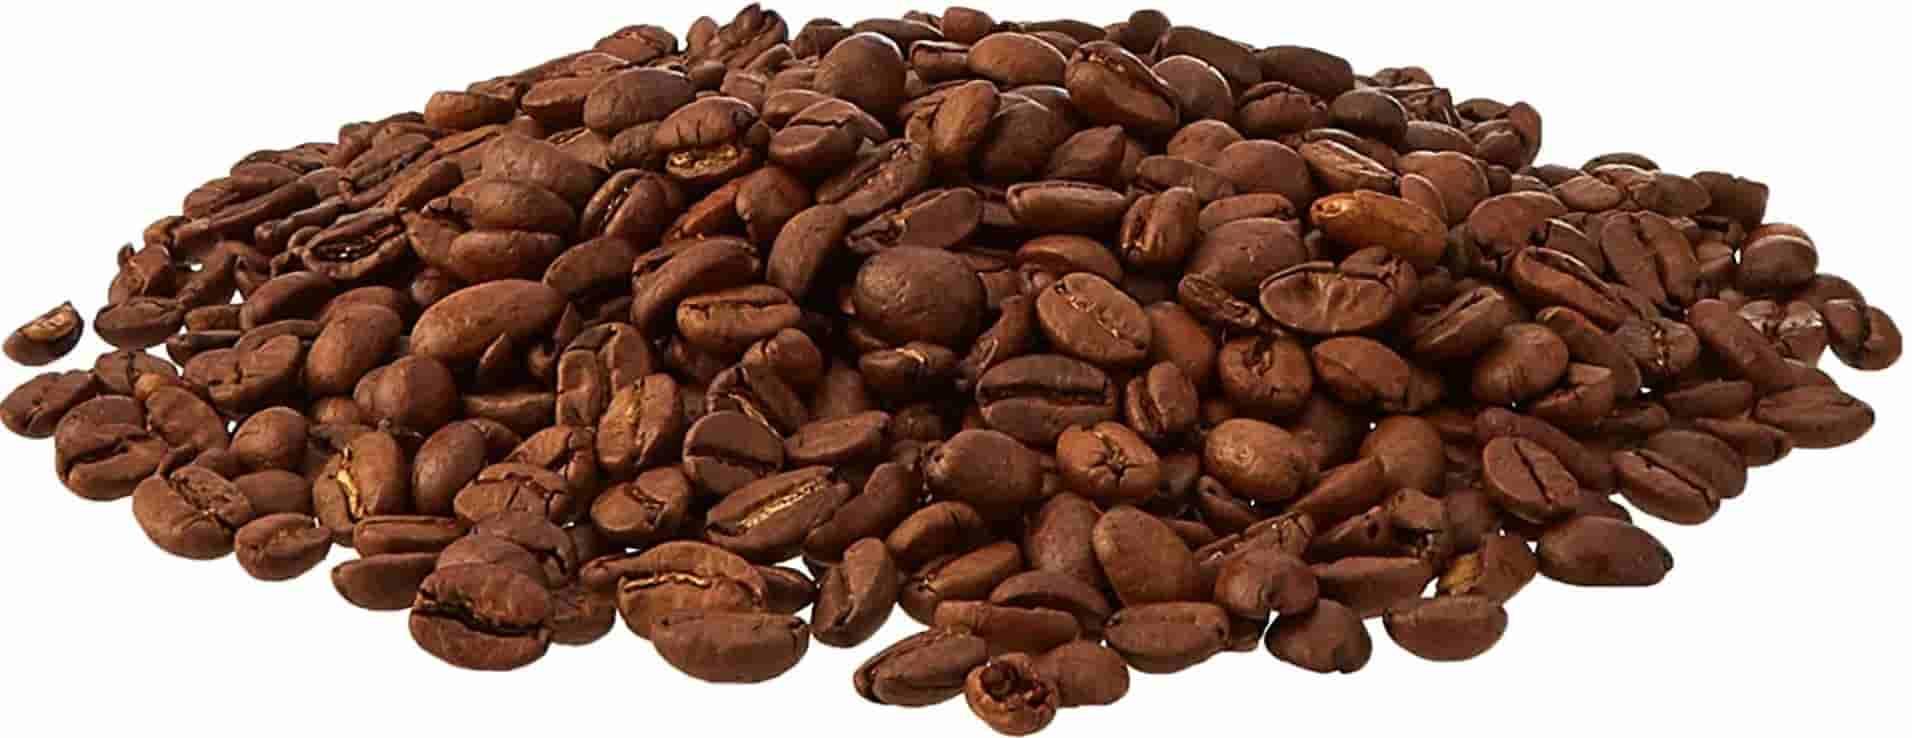 tipos de cafe espresso intenso